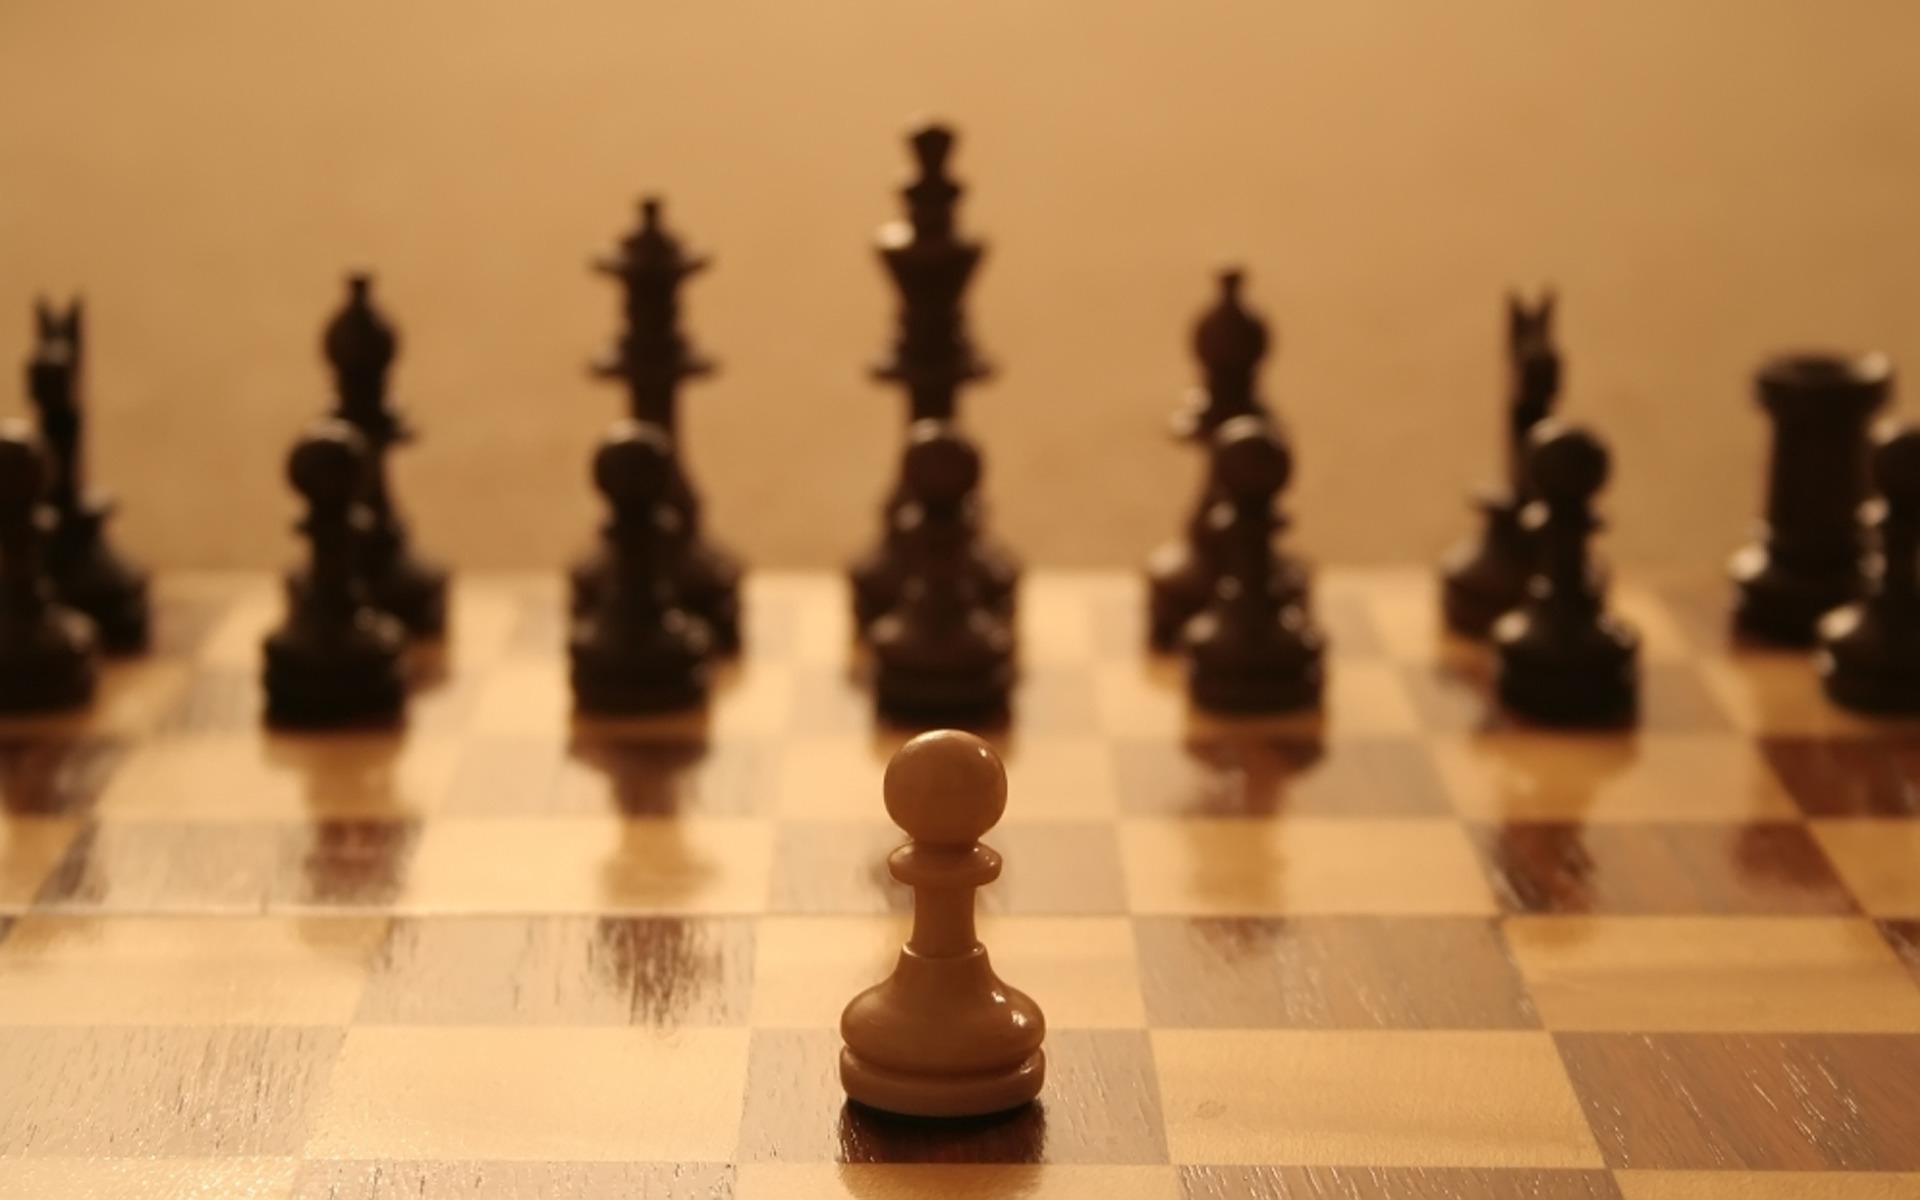 шахматы, один против всех, сопротивление давлению, как не поддаваться, остаться при своем